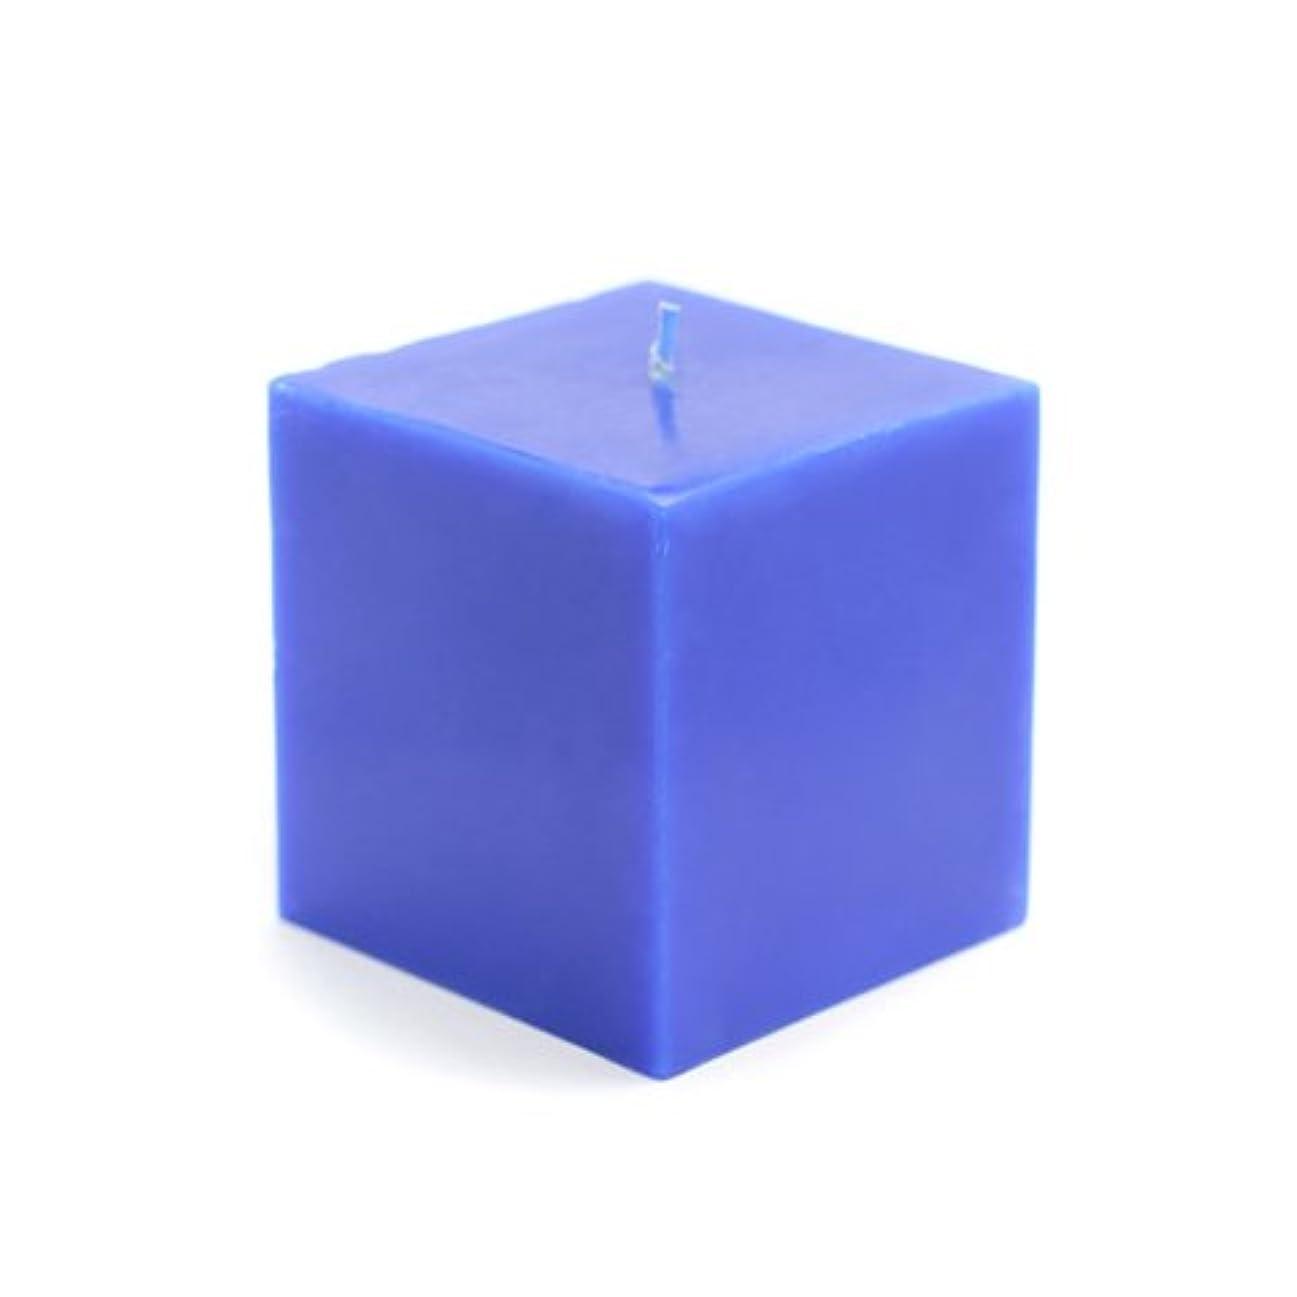 出発印象的セールスマンZest Candle CPZ-134-12 3 x 3 in. Blue Square Pillar Candles -12pcs-Case- Bulk